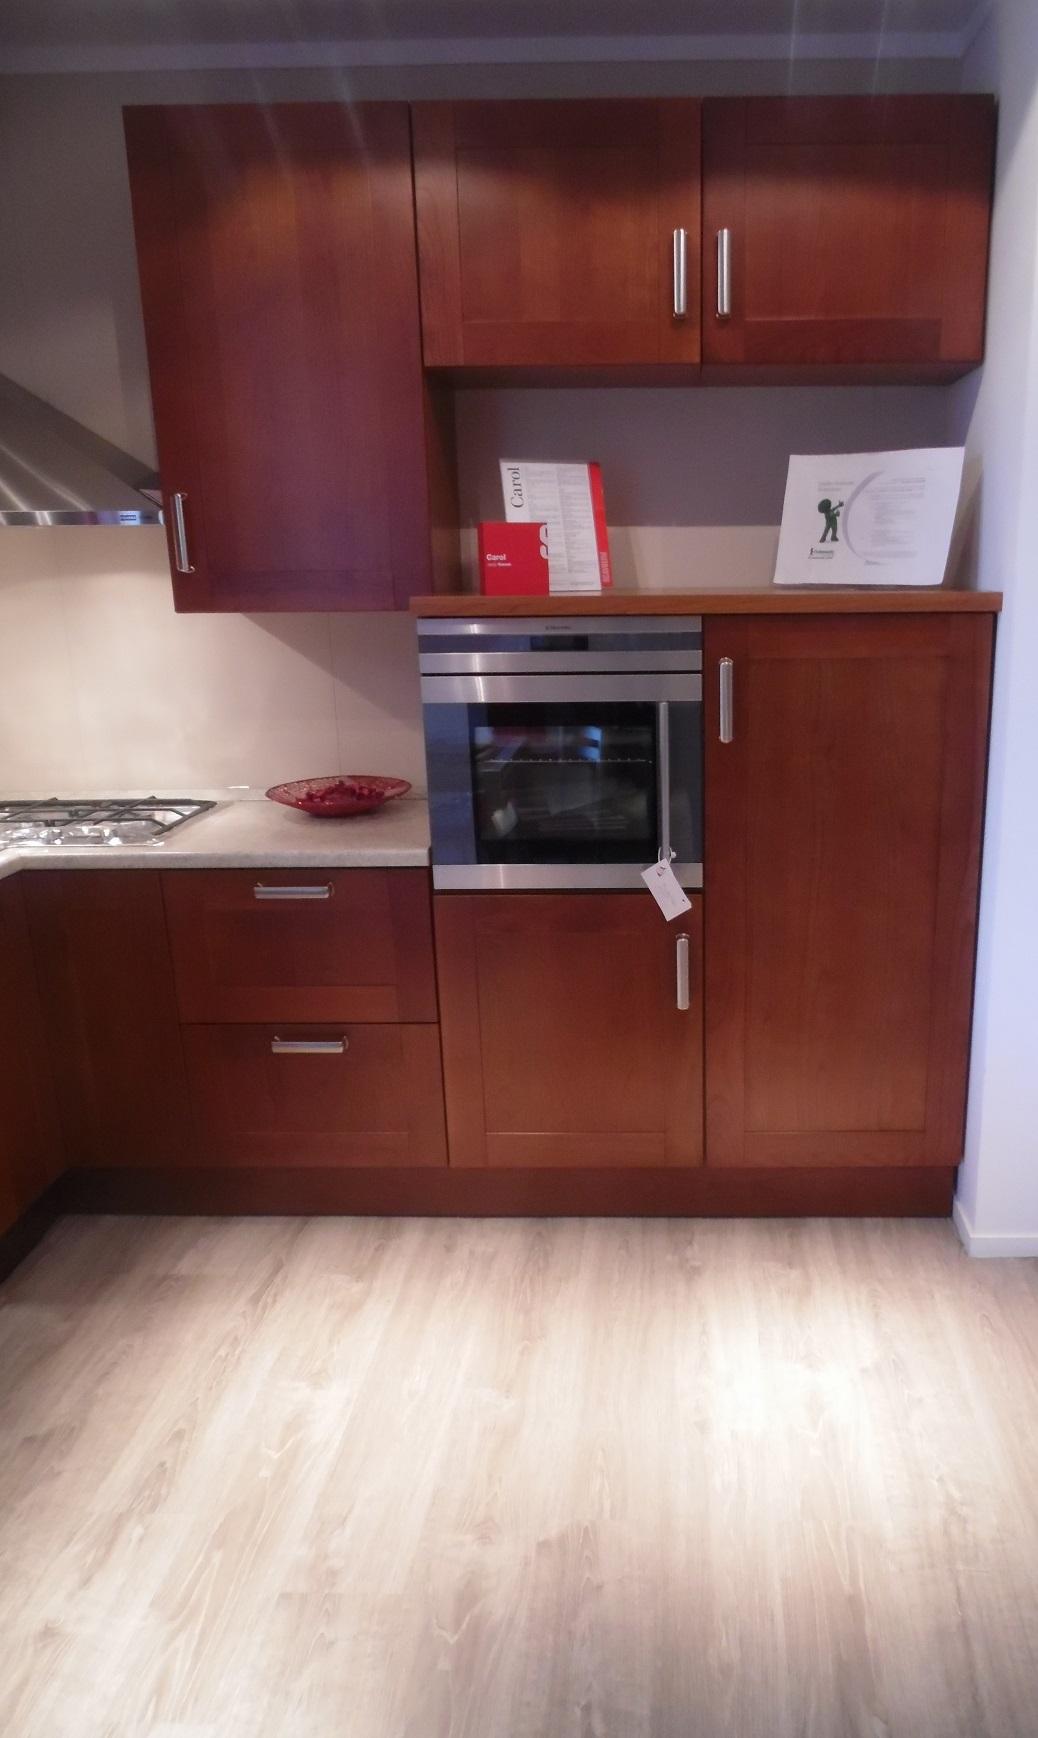 Cucina ad angolo scavolini carol scontata del 34 cucine for Cucine componibili ad angolo prezzi